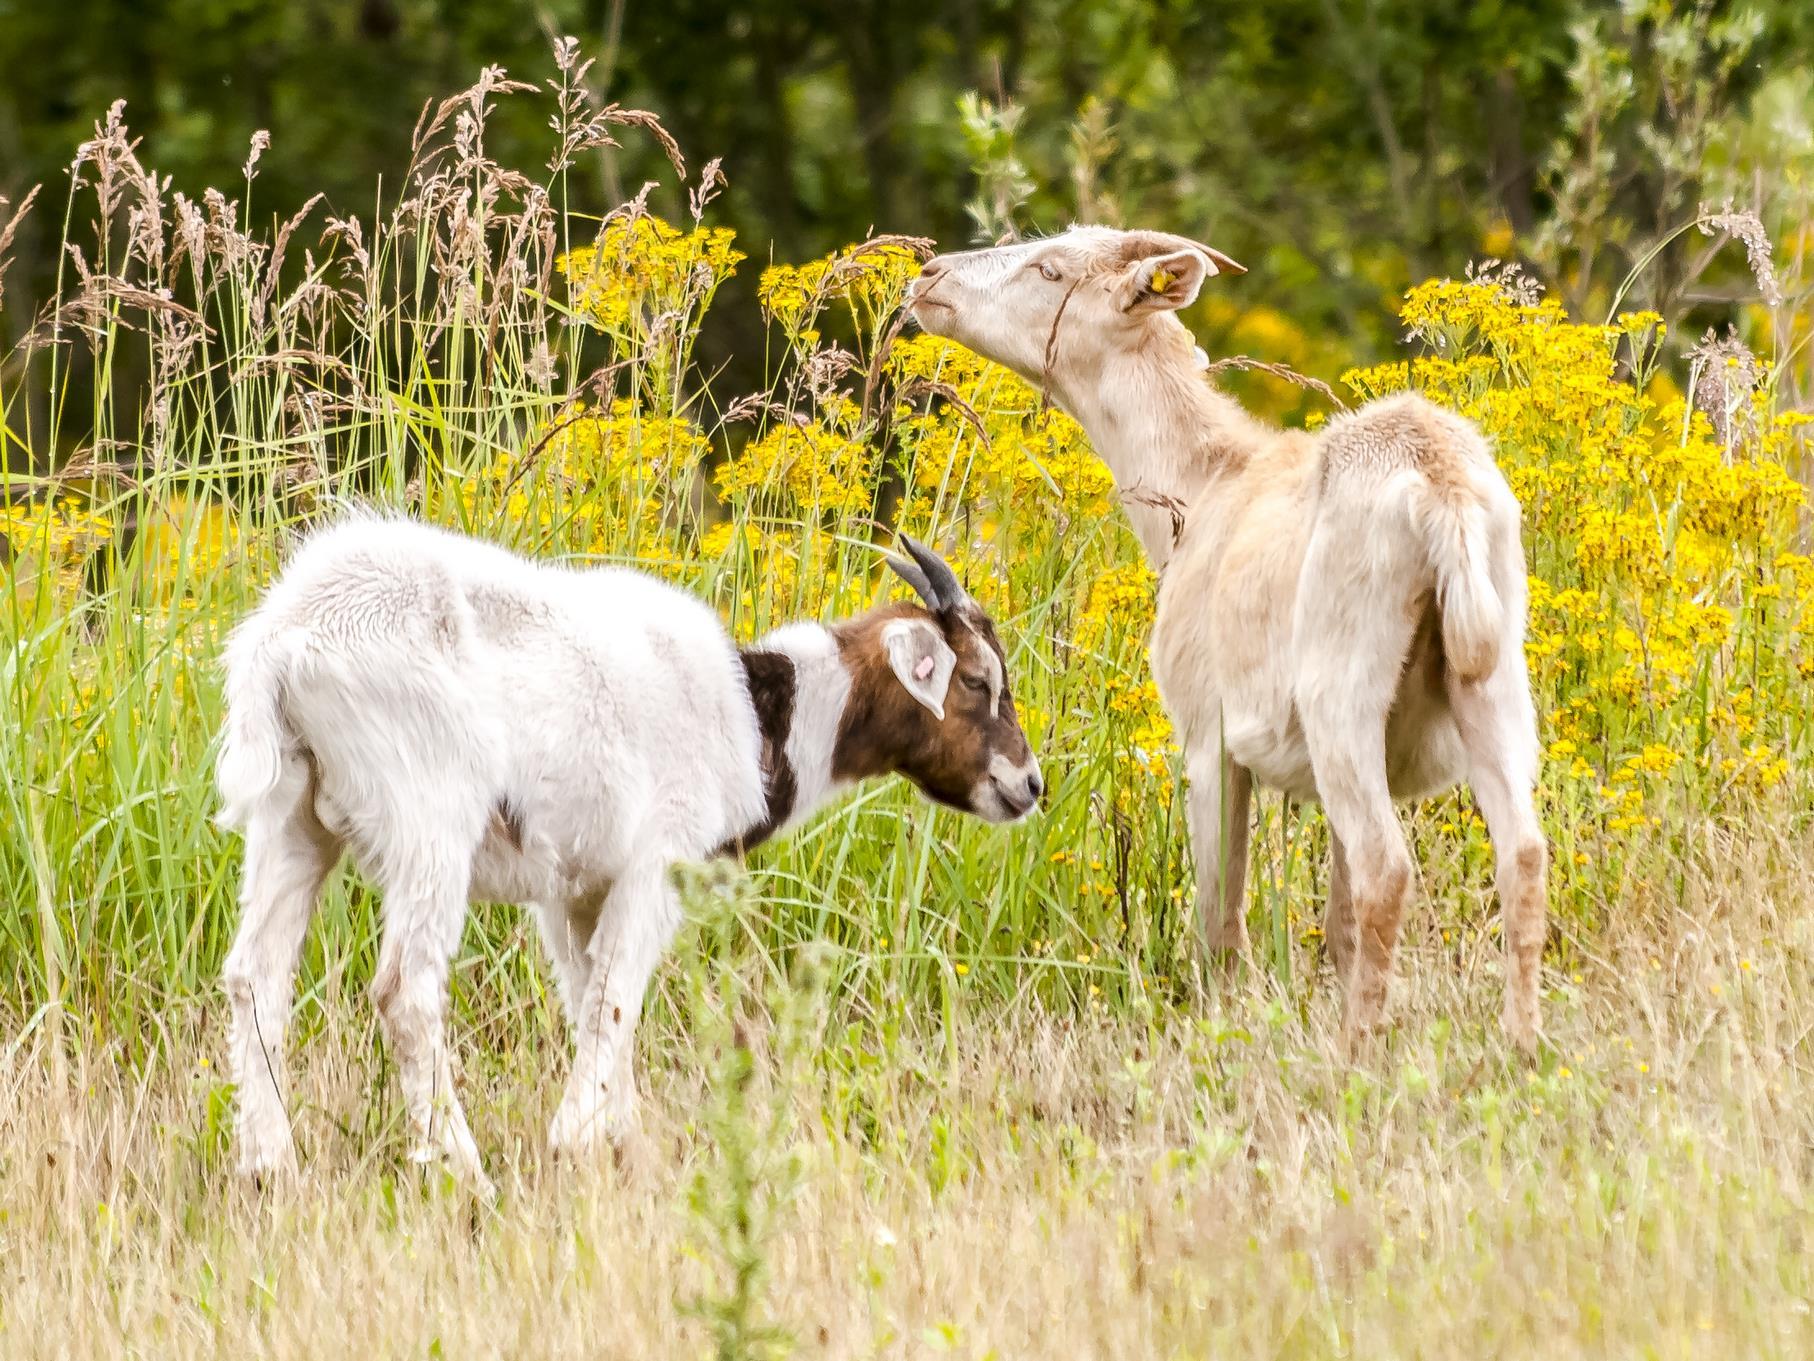 Die Ziegen machen sich über den Weidebewuchs her.